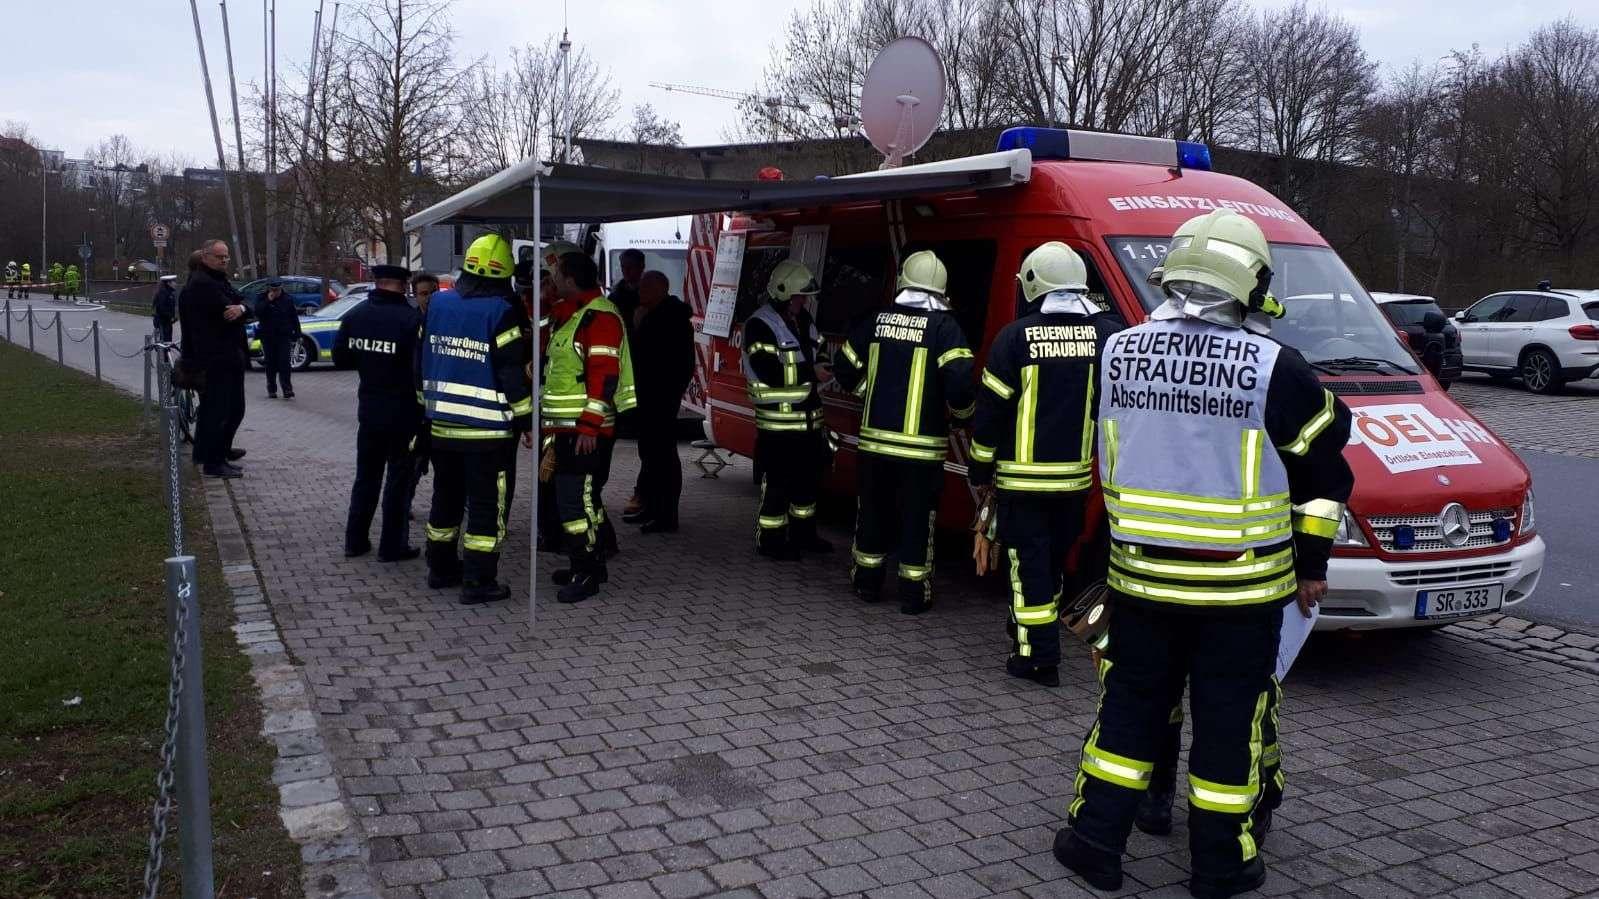 Neben der Feuerwehr sind das BRK und die Polizei in Straubing im Einsatz.